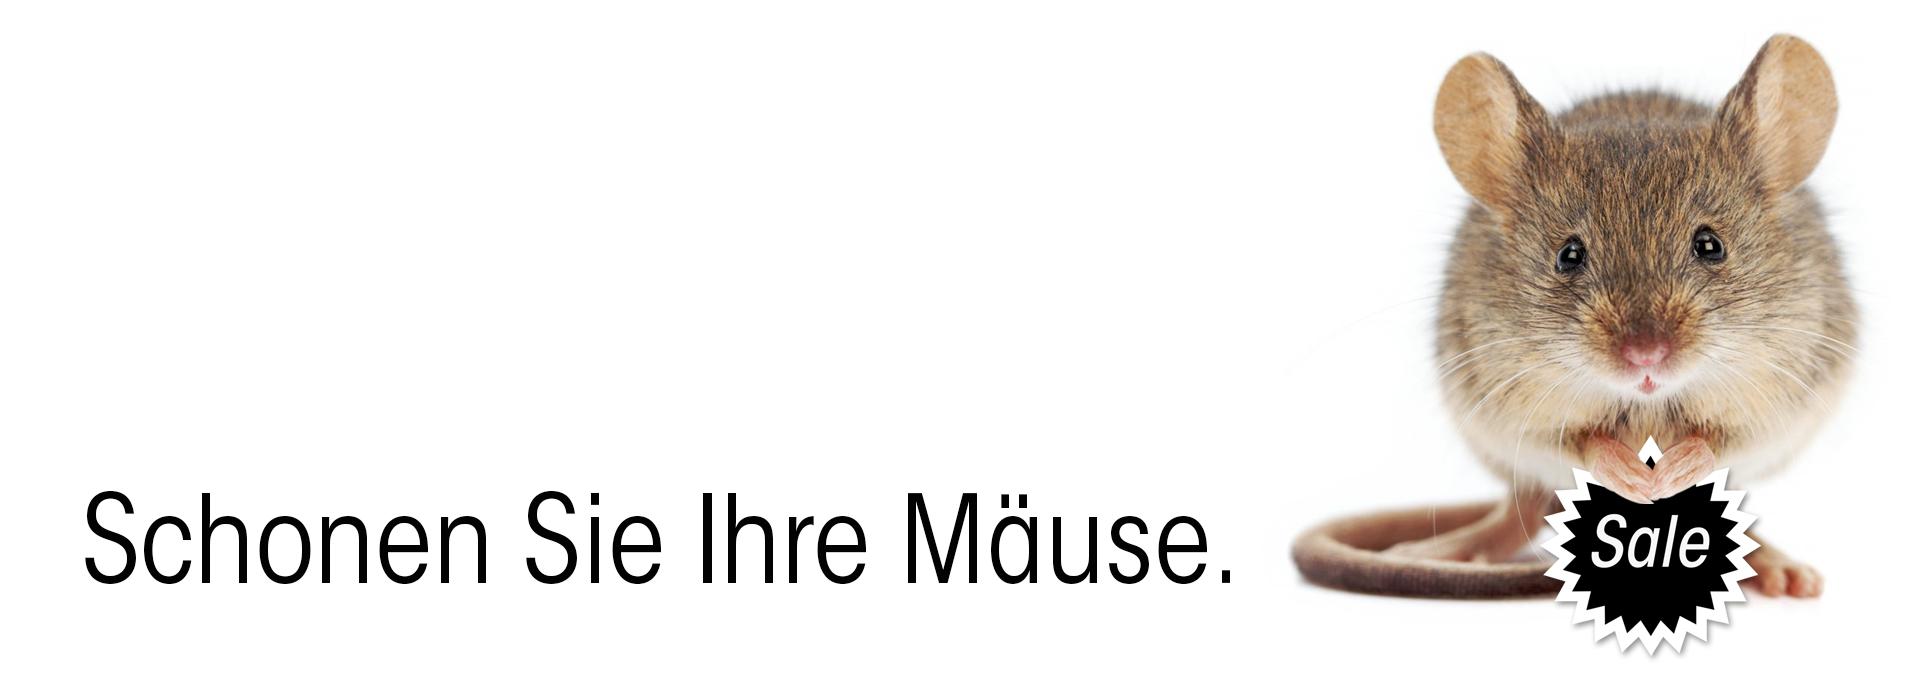 Sale Aktion: Schonen Sie Ihre Mäuse - Update!